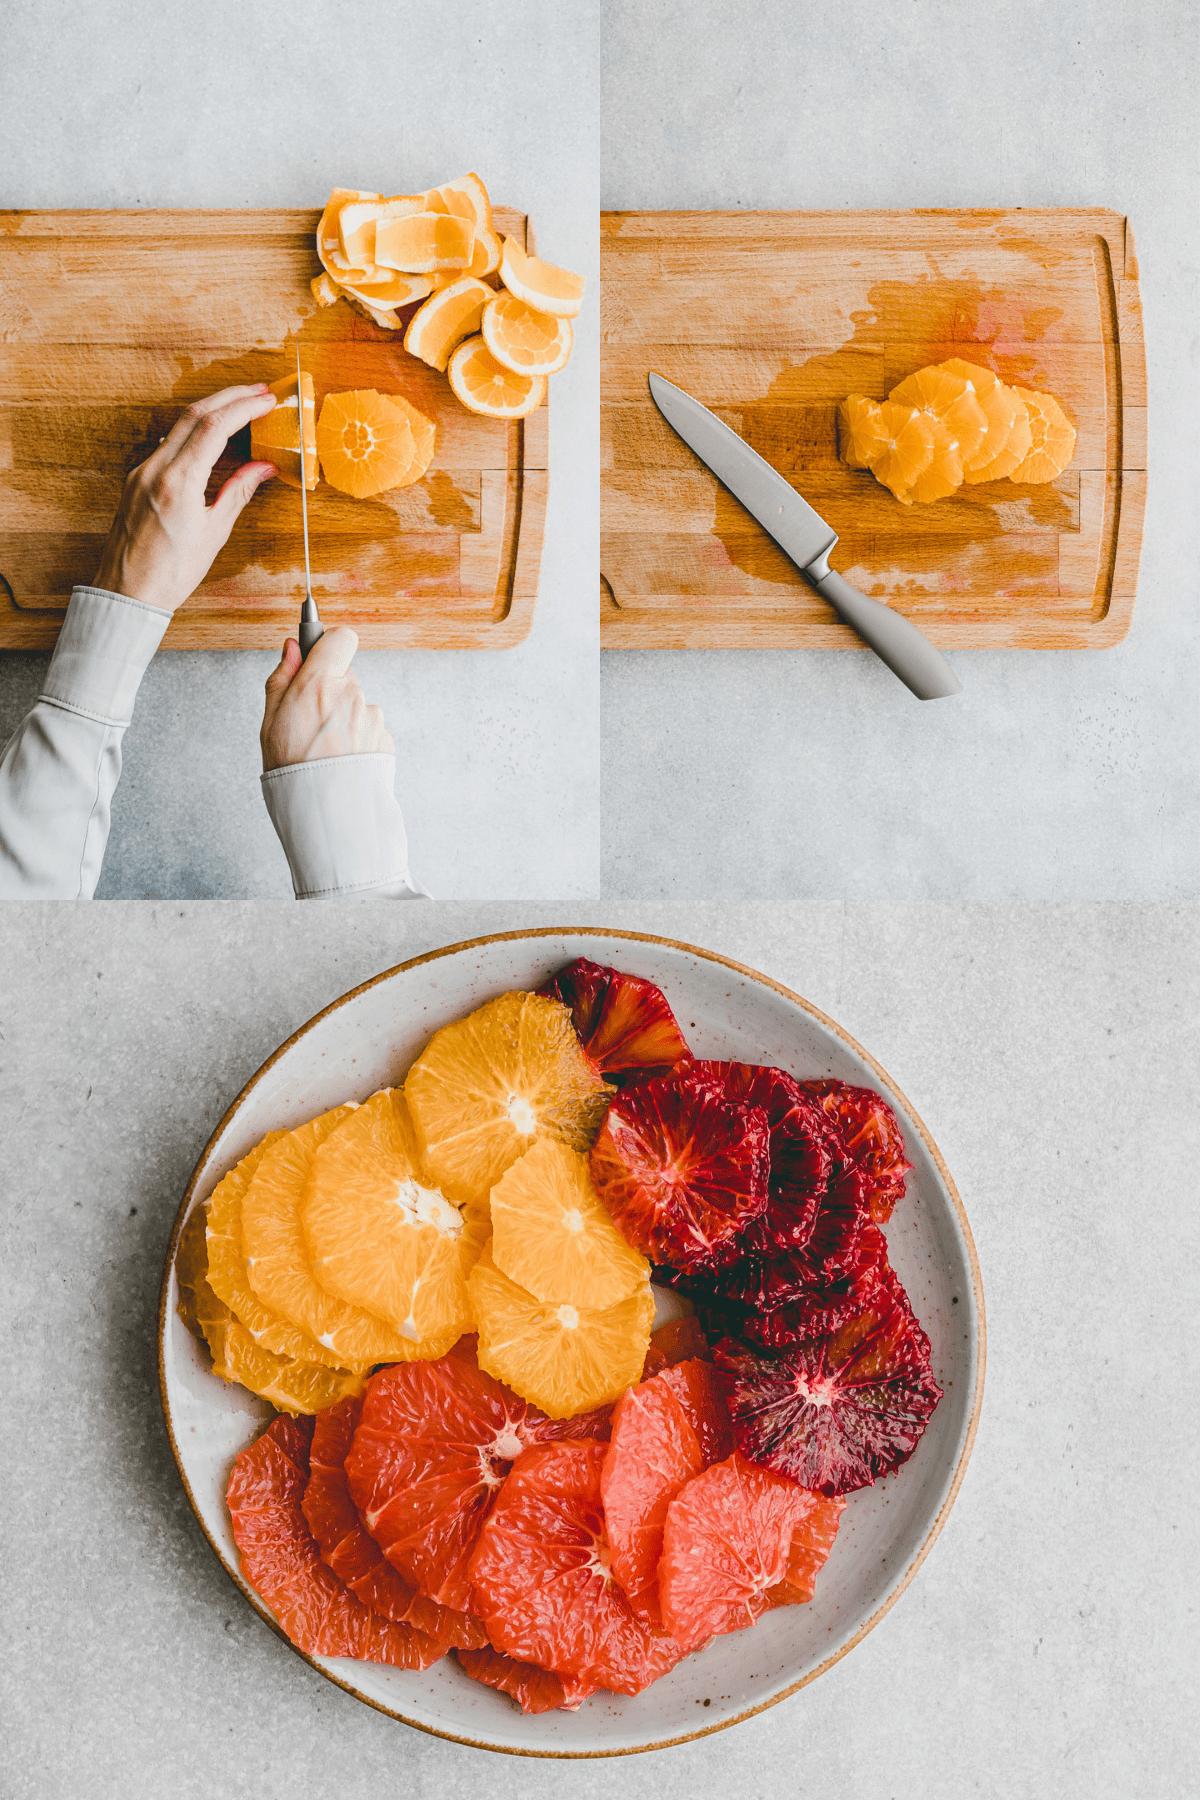 how to cut oranges-5-7